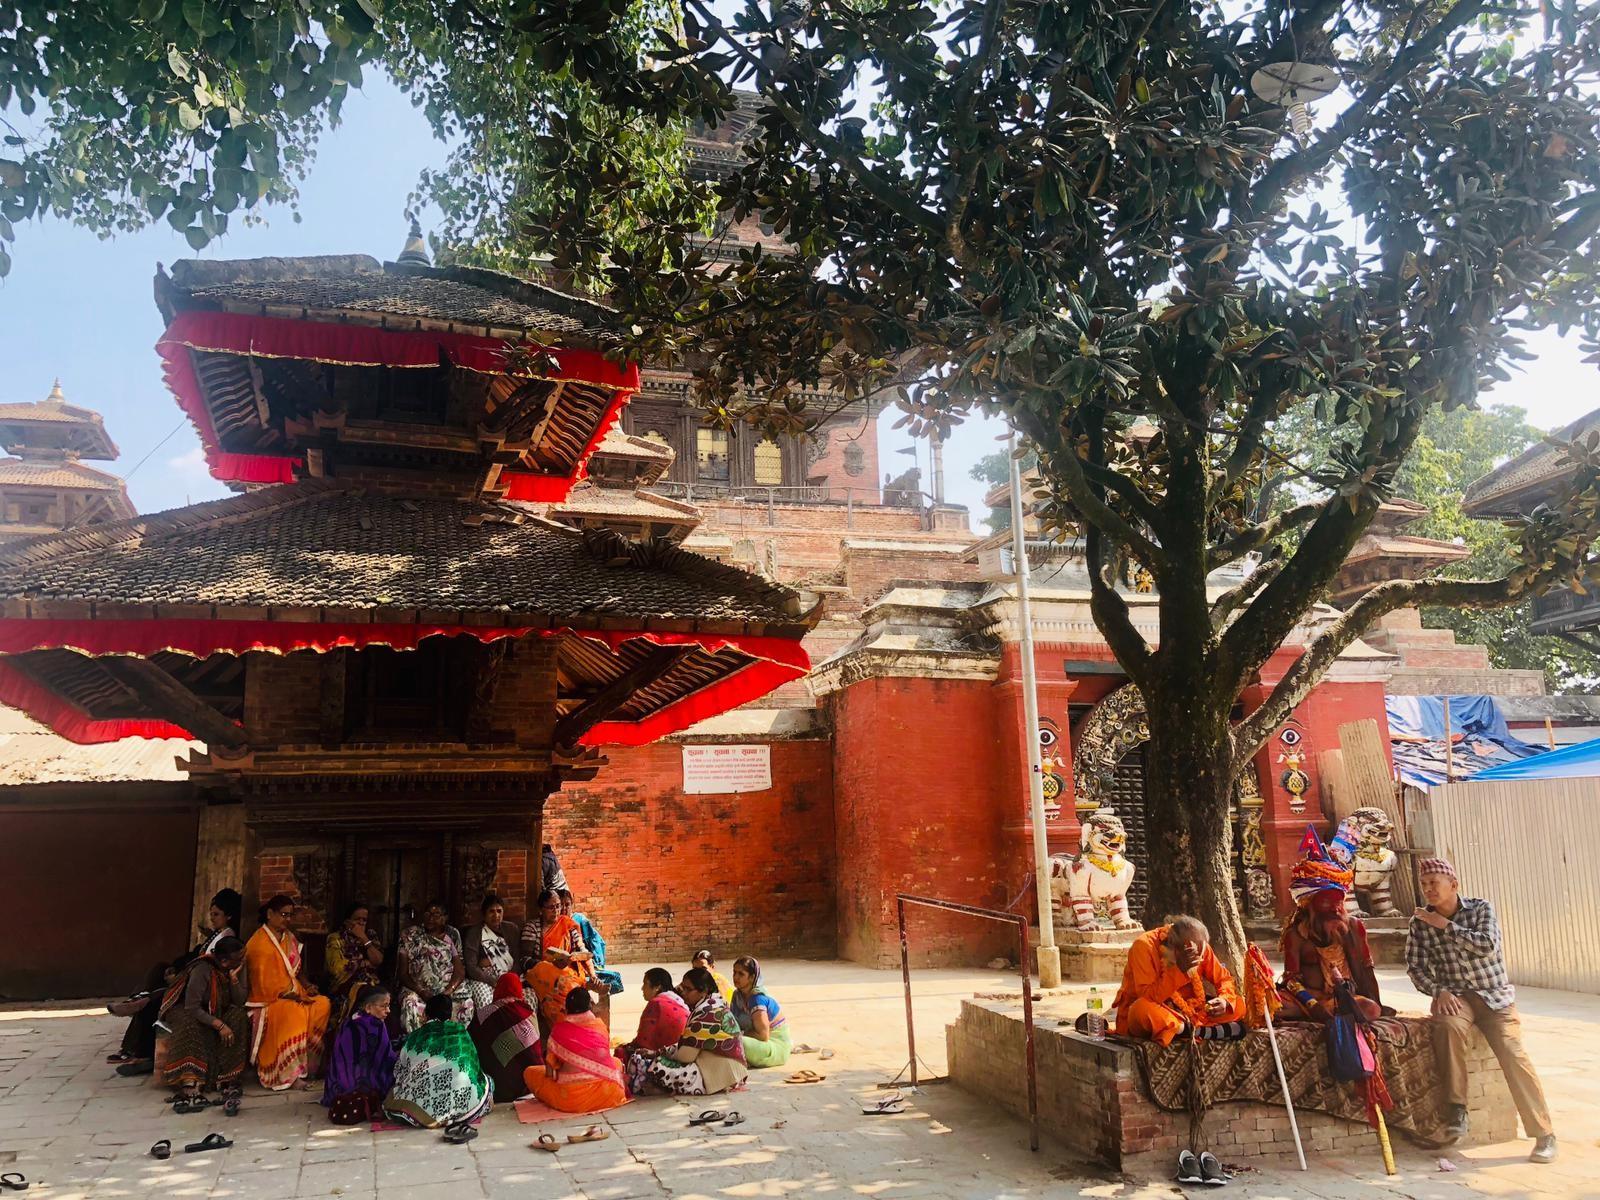 viaggio-in-nepal-35939fd6f6bb447de8afbe5